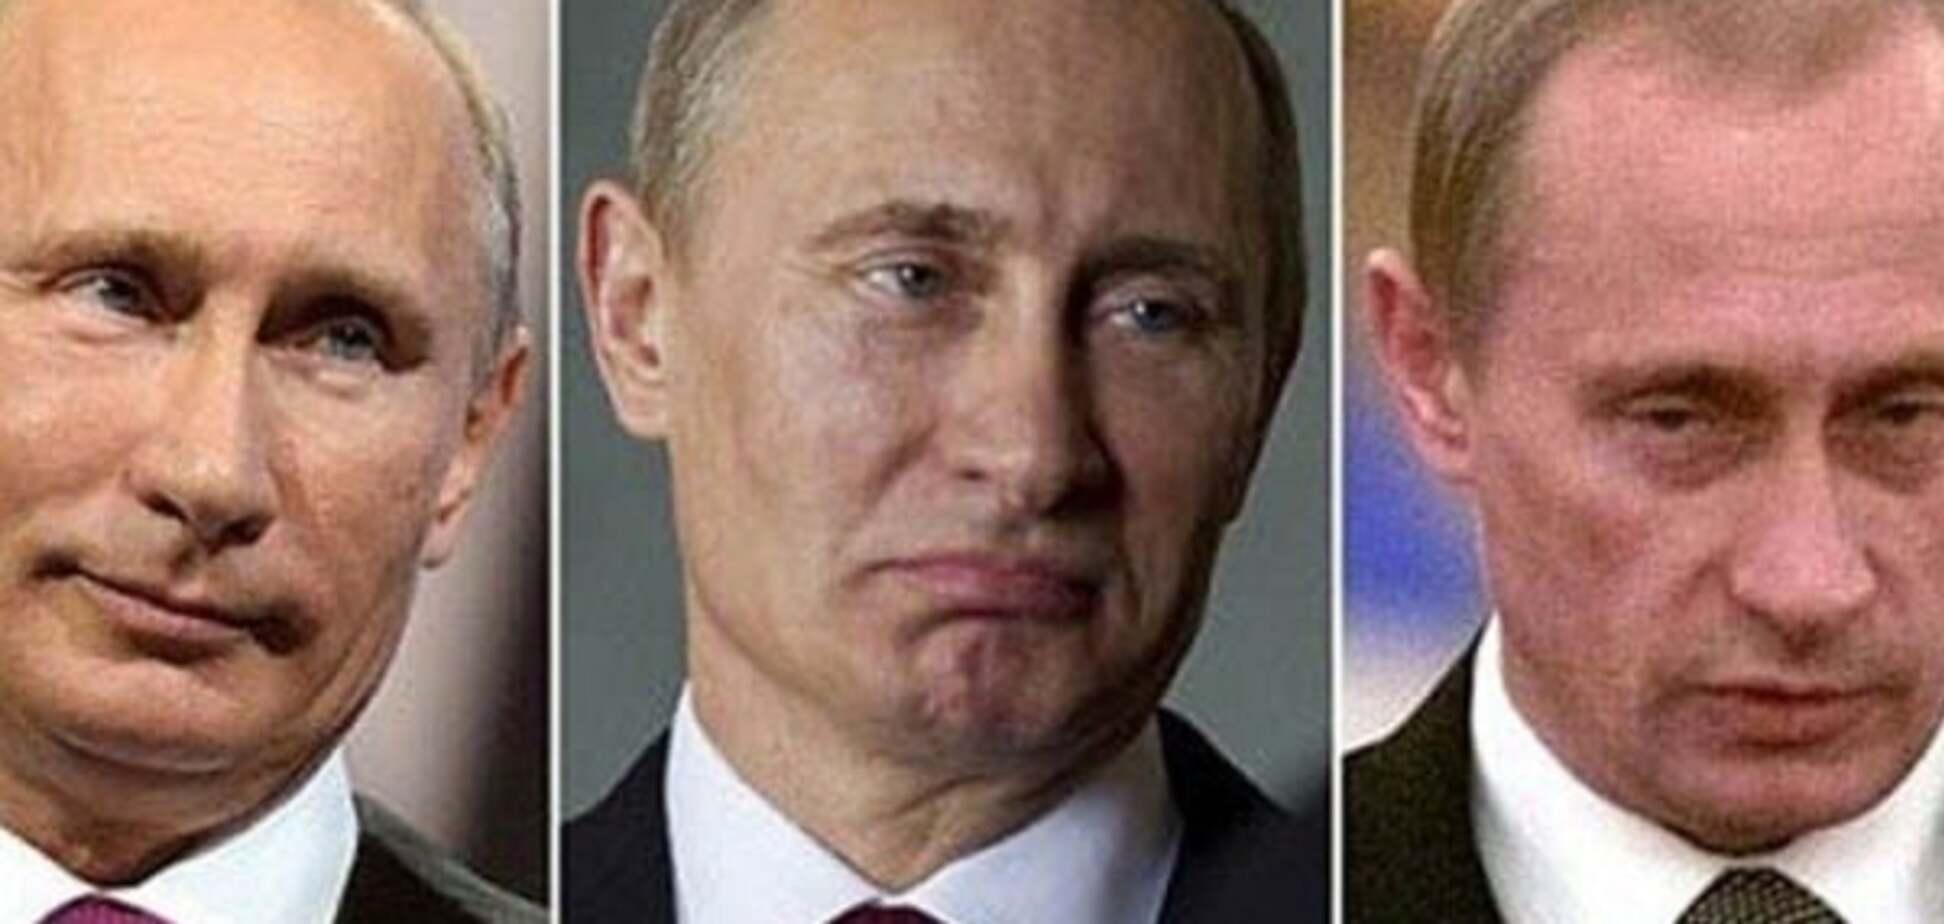 Двойники мировых лидеров: зачем политикам нужны их копии-самозванцы